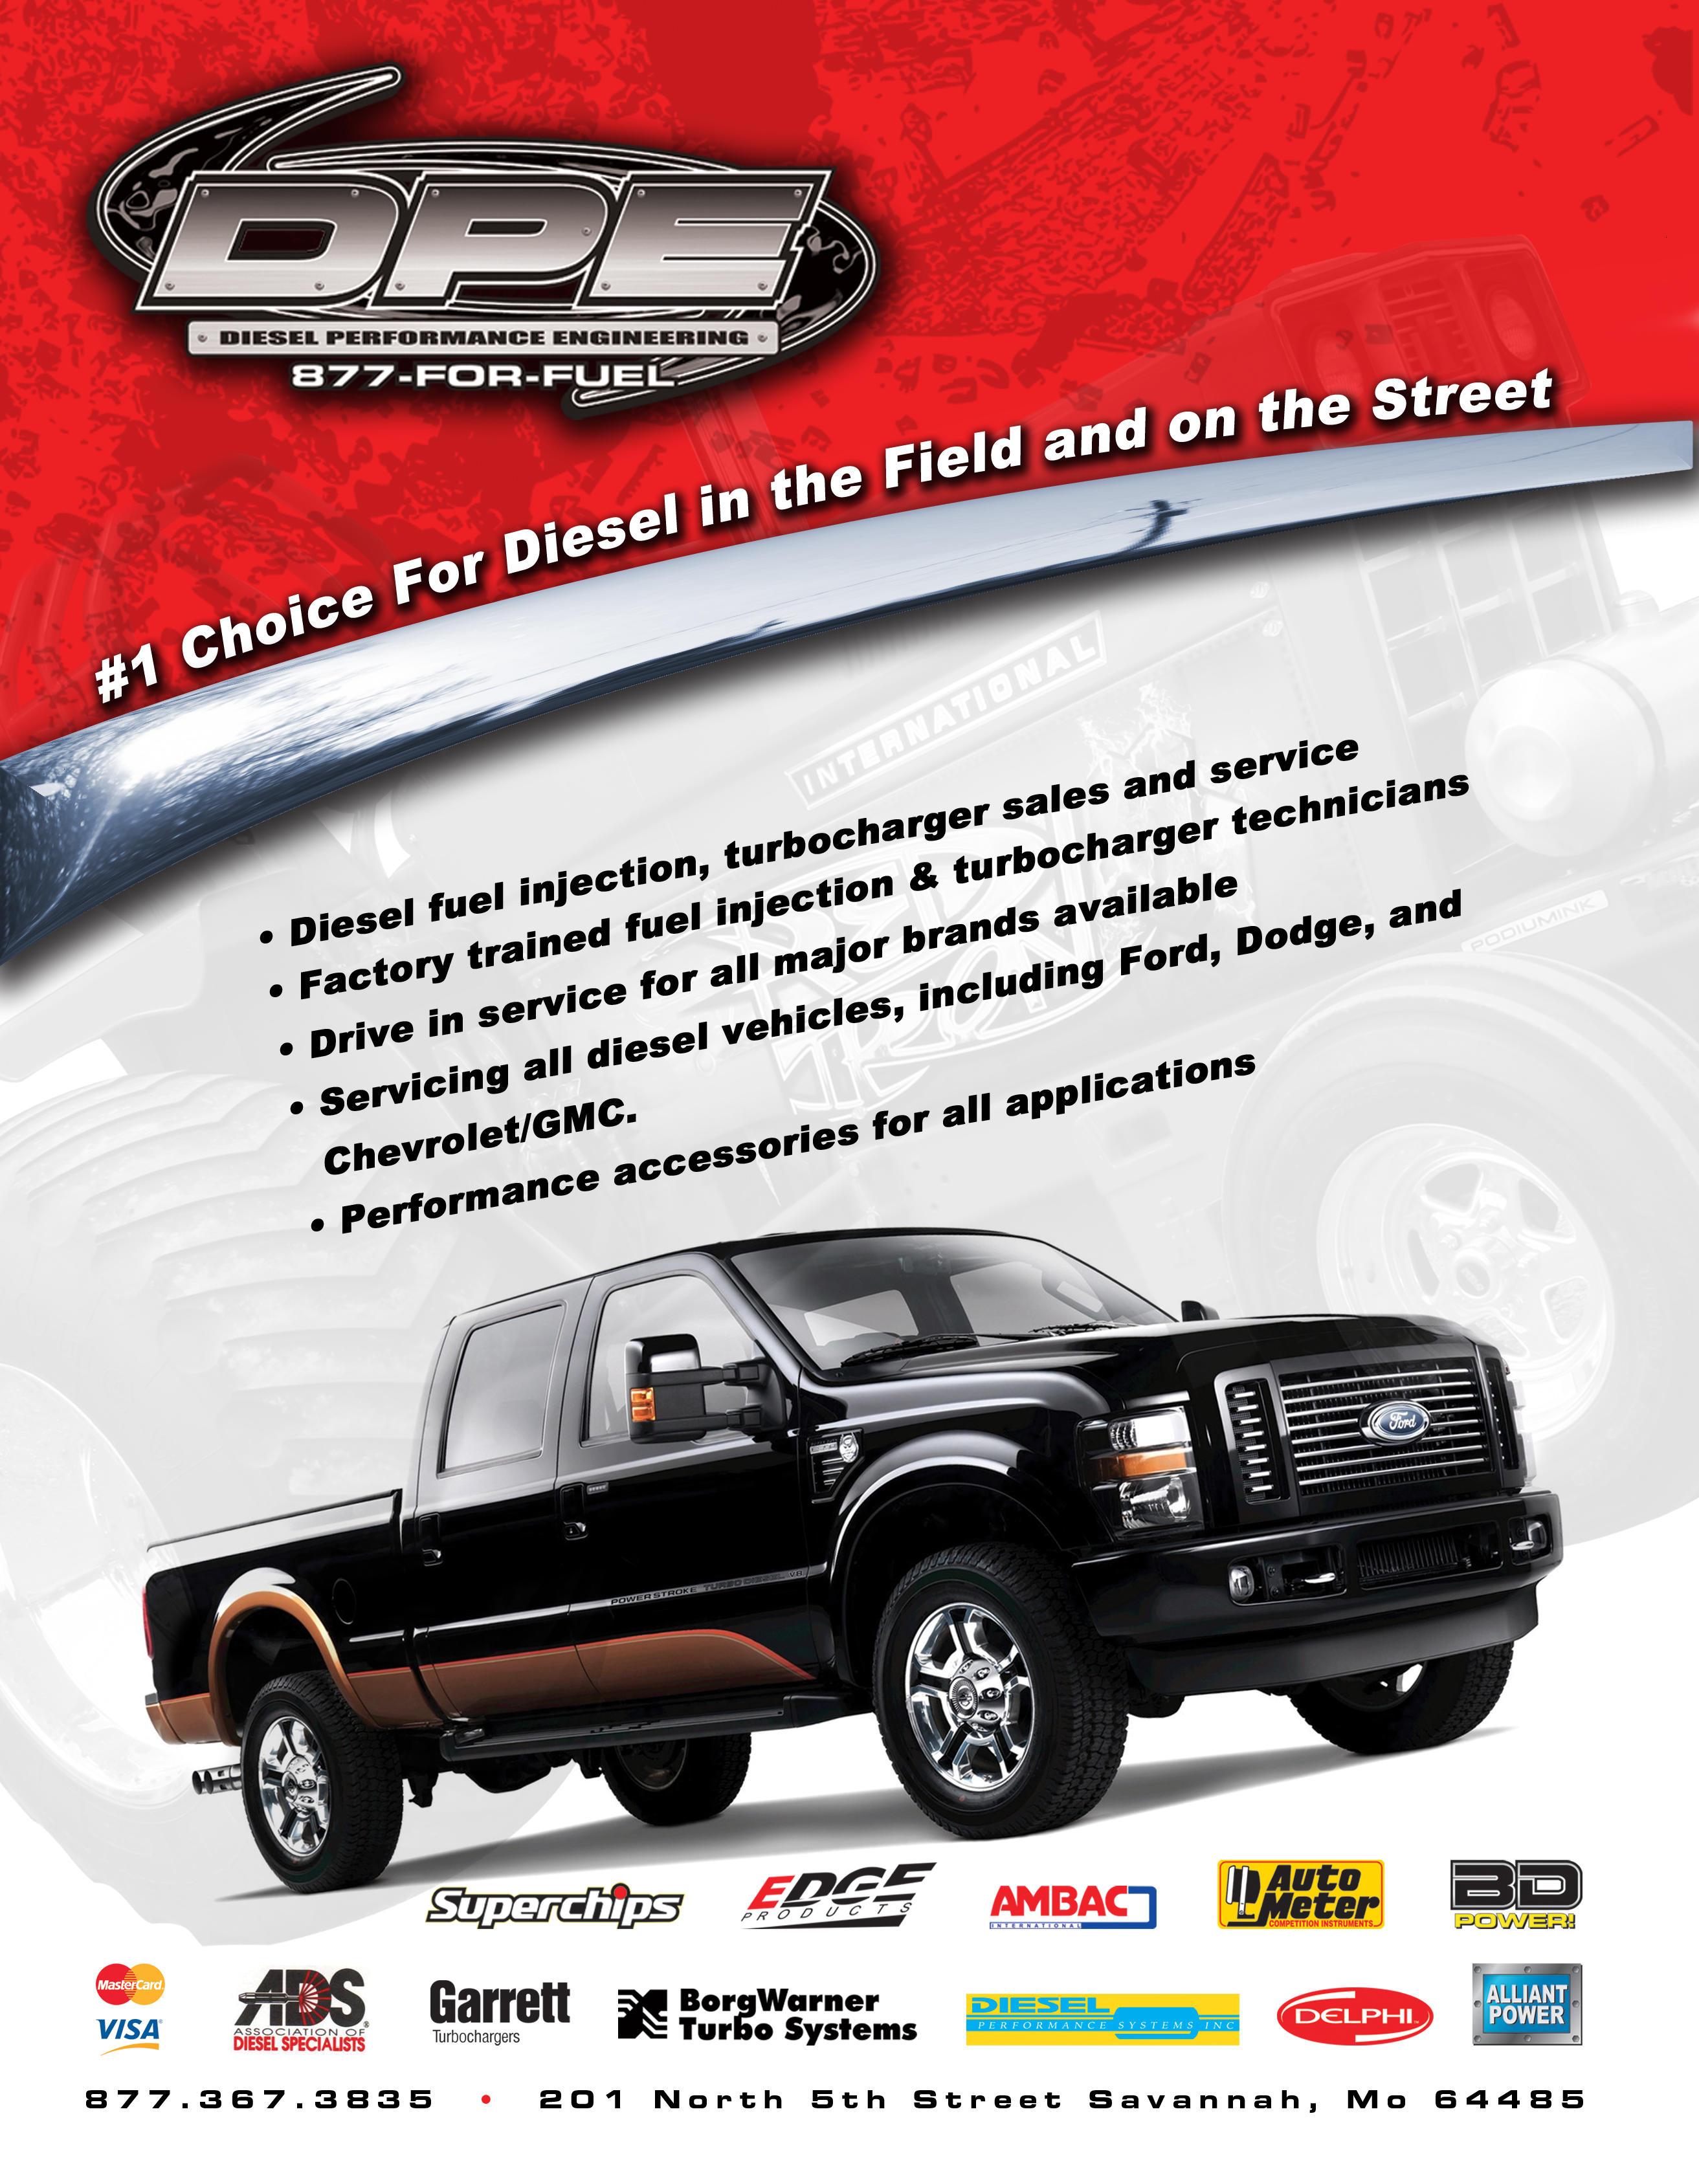 Diesel Performance Engineering image 6